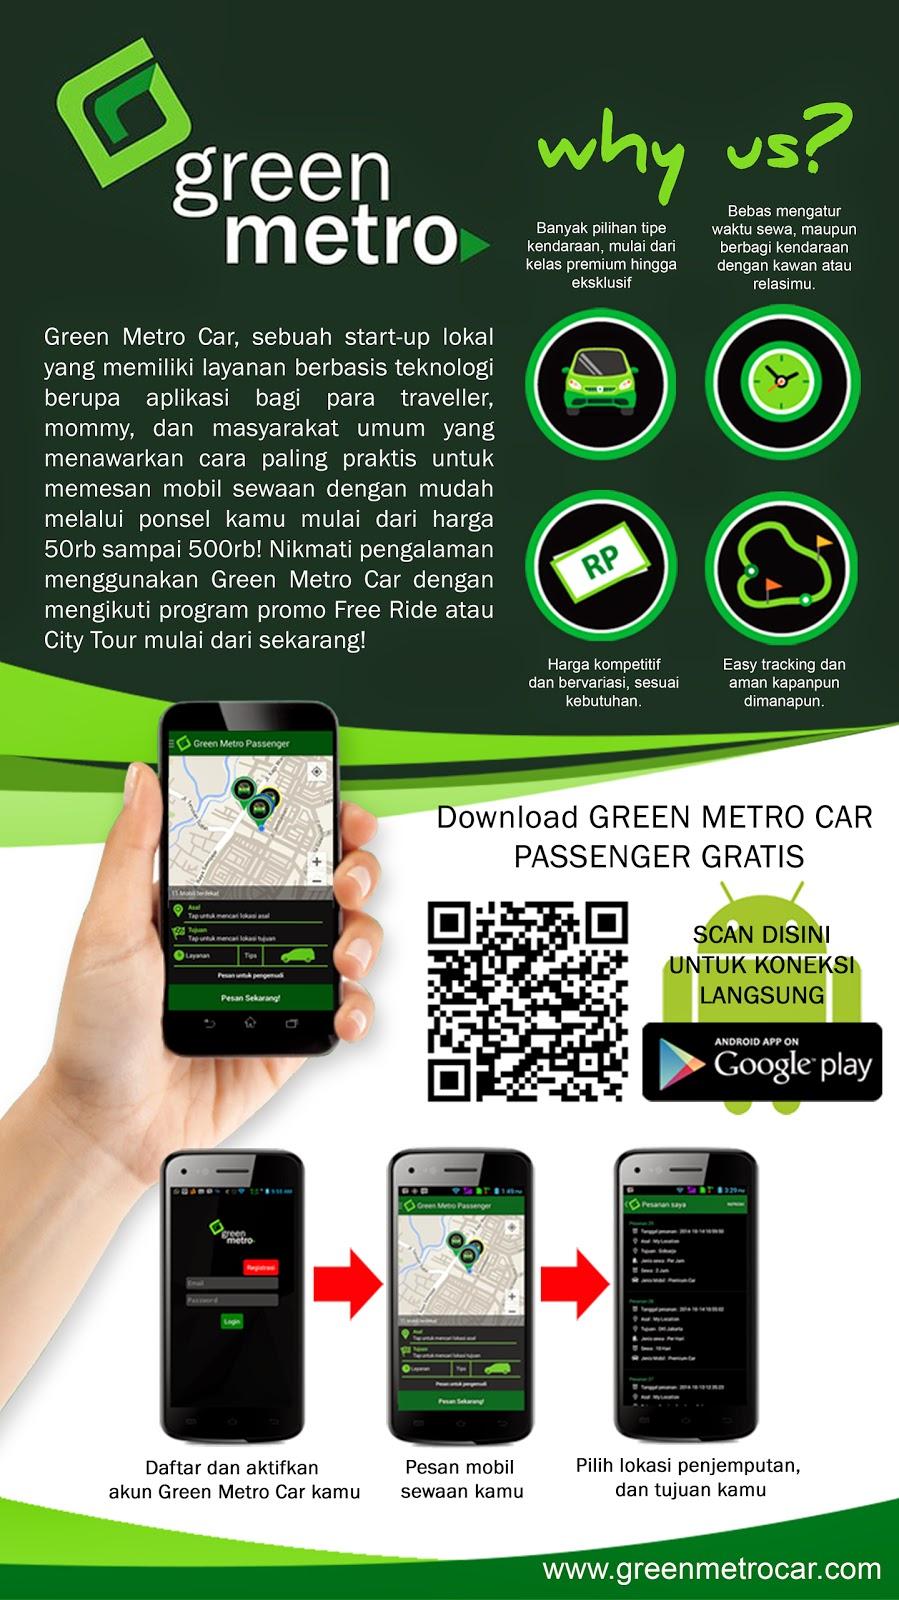 Tour Kota Surabaya Green Metro Car Paling Mbois.